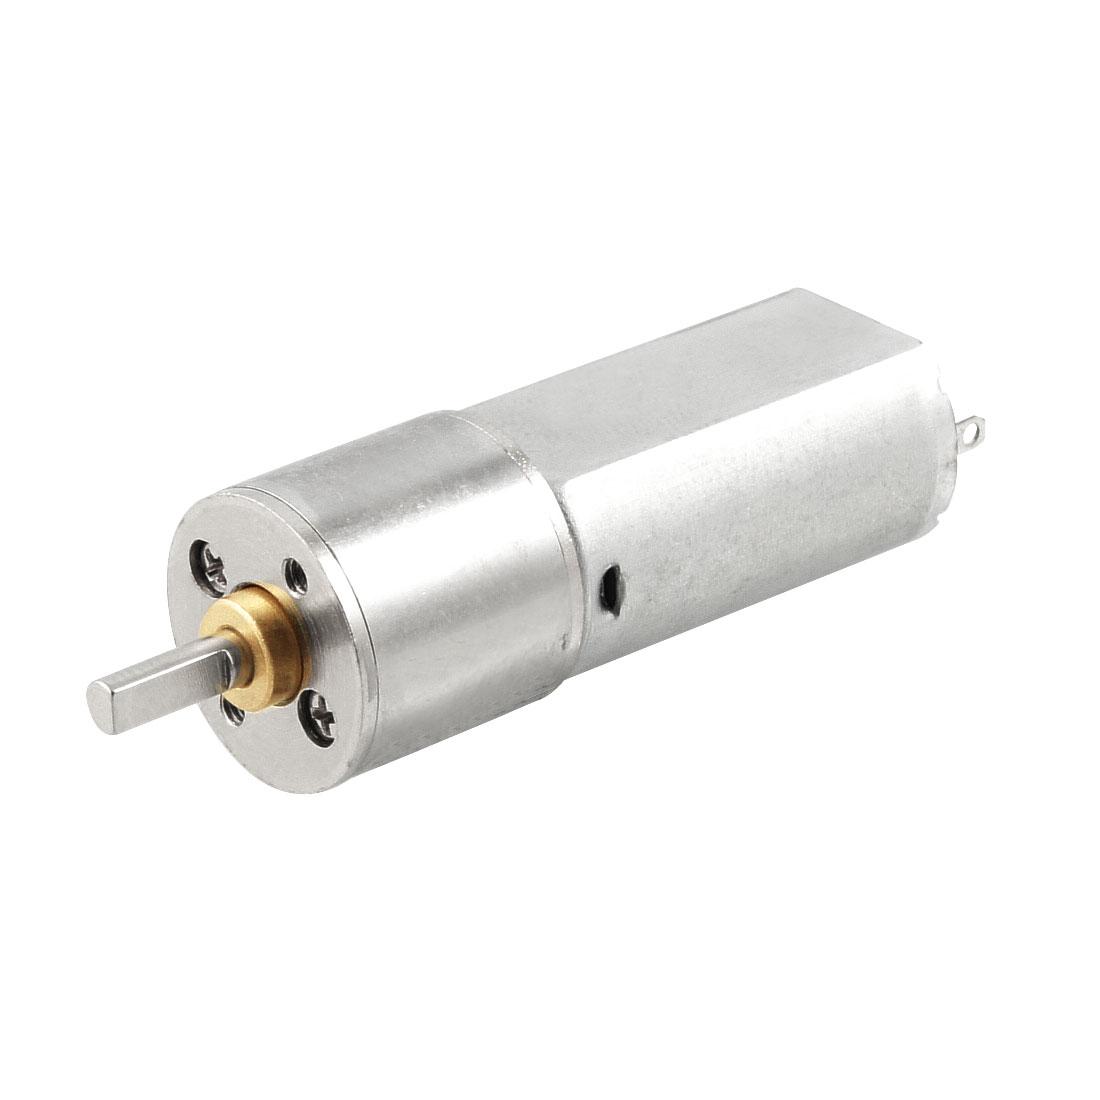 DC 6V 60mA 40RPM Gear Box Dia Robot Micro DC Geared Motor Silver Tone